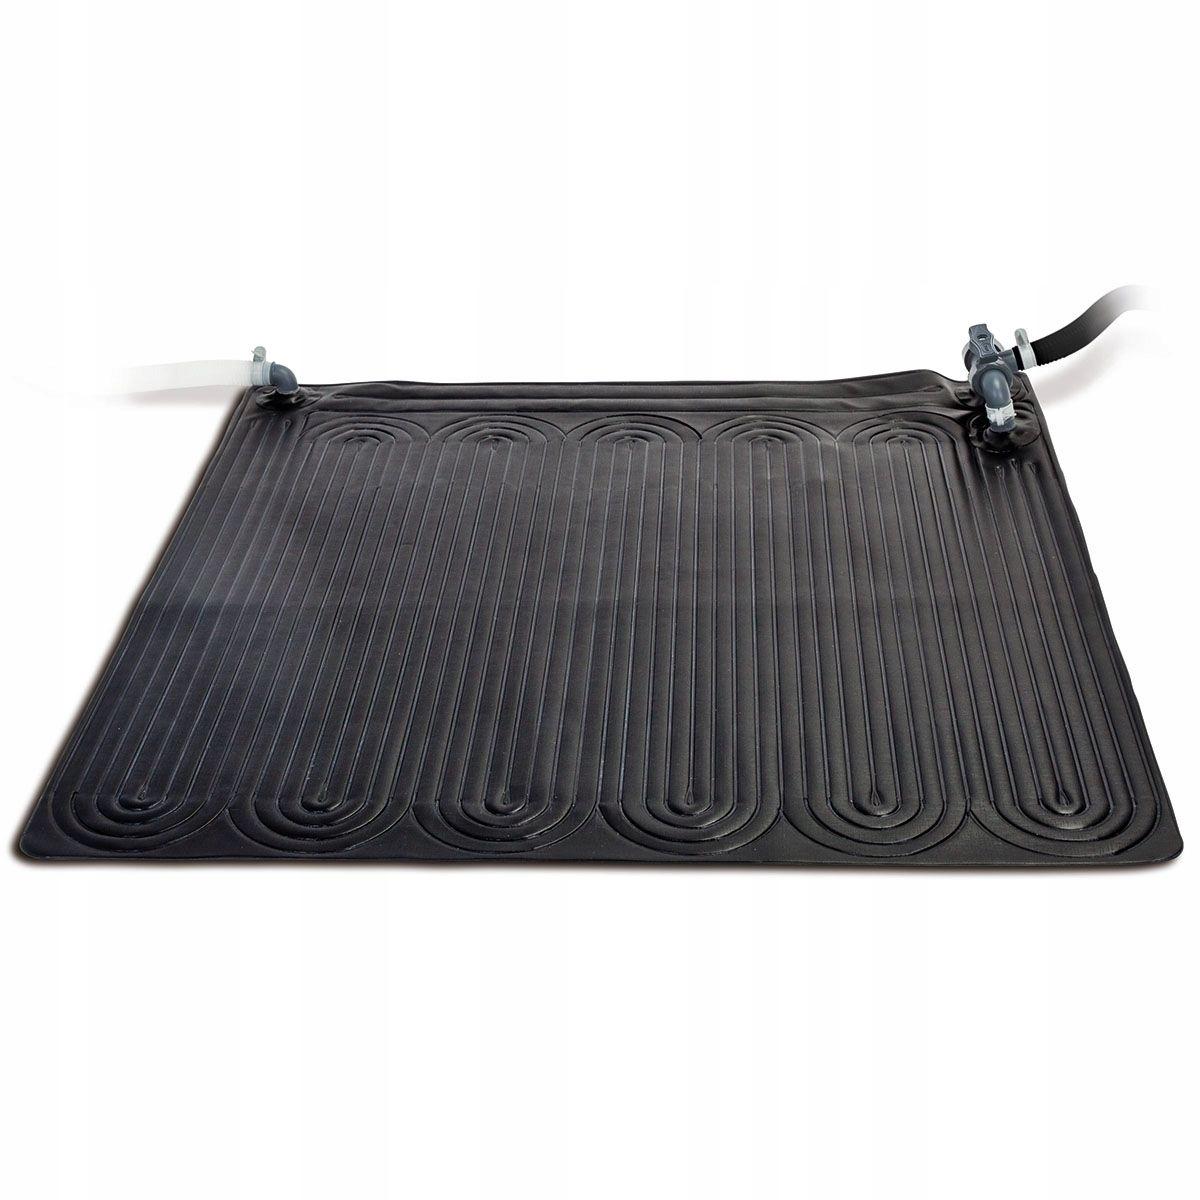 Коврик с солнечным обогревом для бассейна Intex 28685